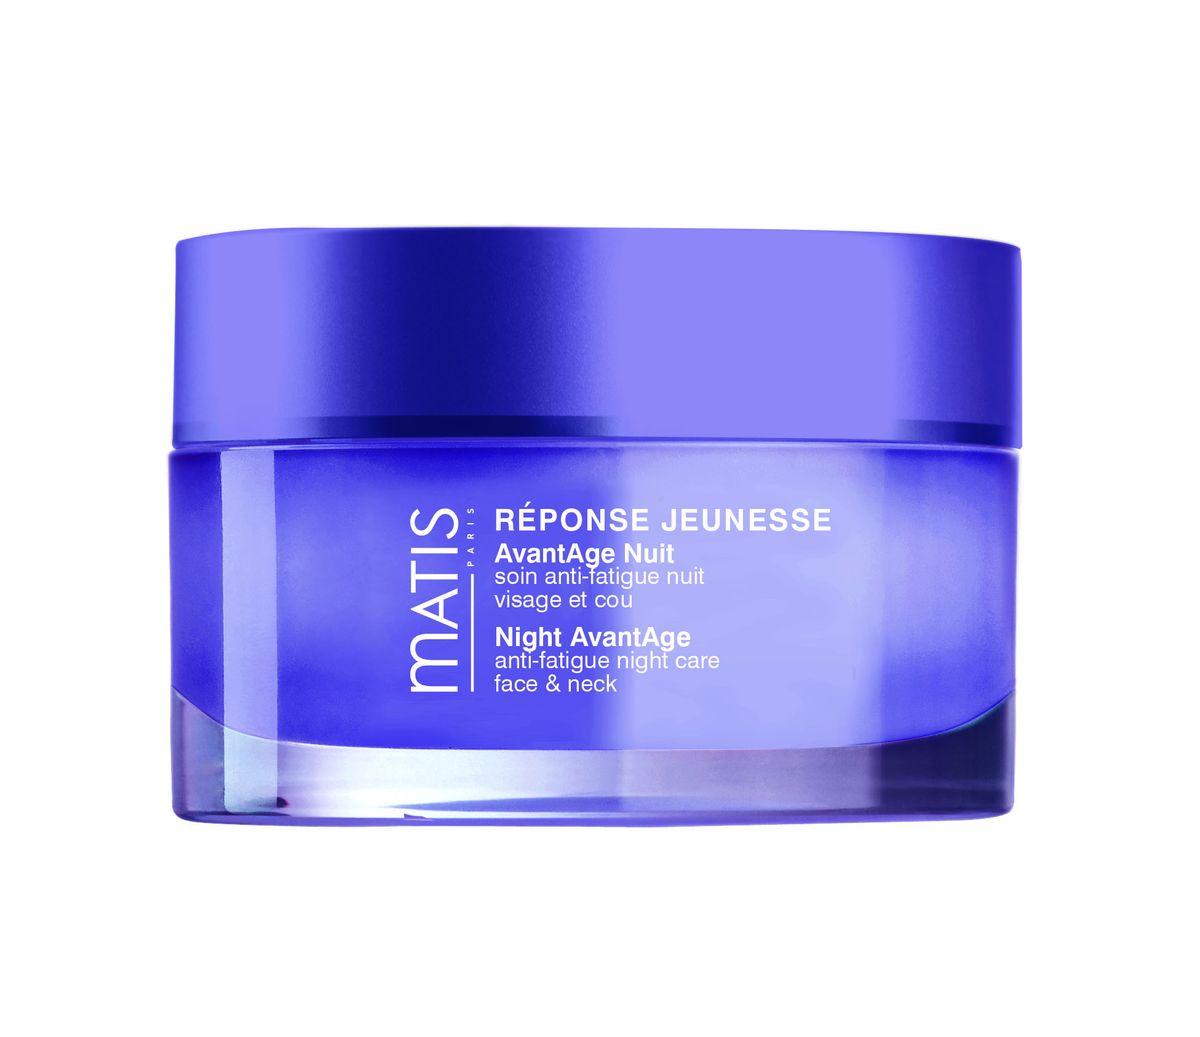 Matis Блеск Молодости Ночной крем предотвращающий старение кожи, 50 мл36492Уникальный ночной уход, который восстанавливает ресурсы кожи после перенесённой нагрузки в дневное время. Средство использует Ваш отдых ночью для стимулирования потенциала кожи и её естественных защитных функций, помогает бороться с признаками усталости и сохранить молодость кожи.